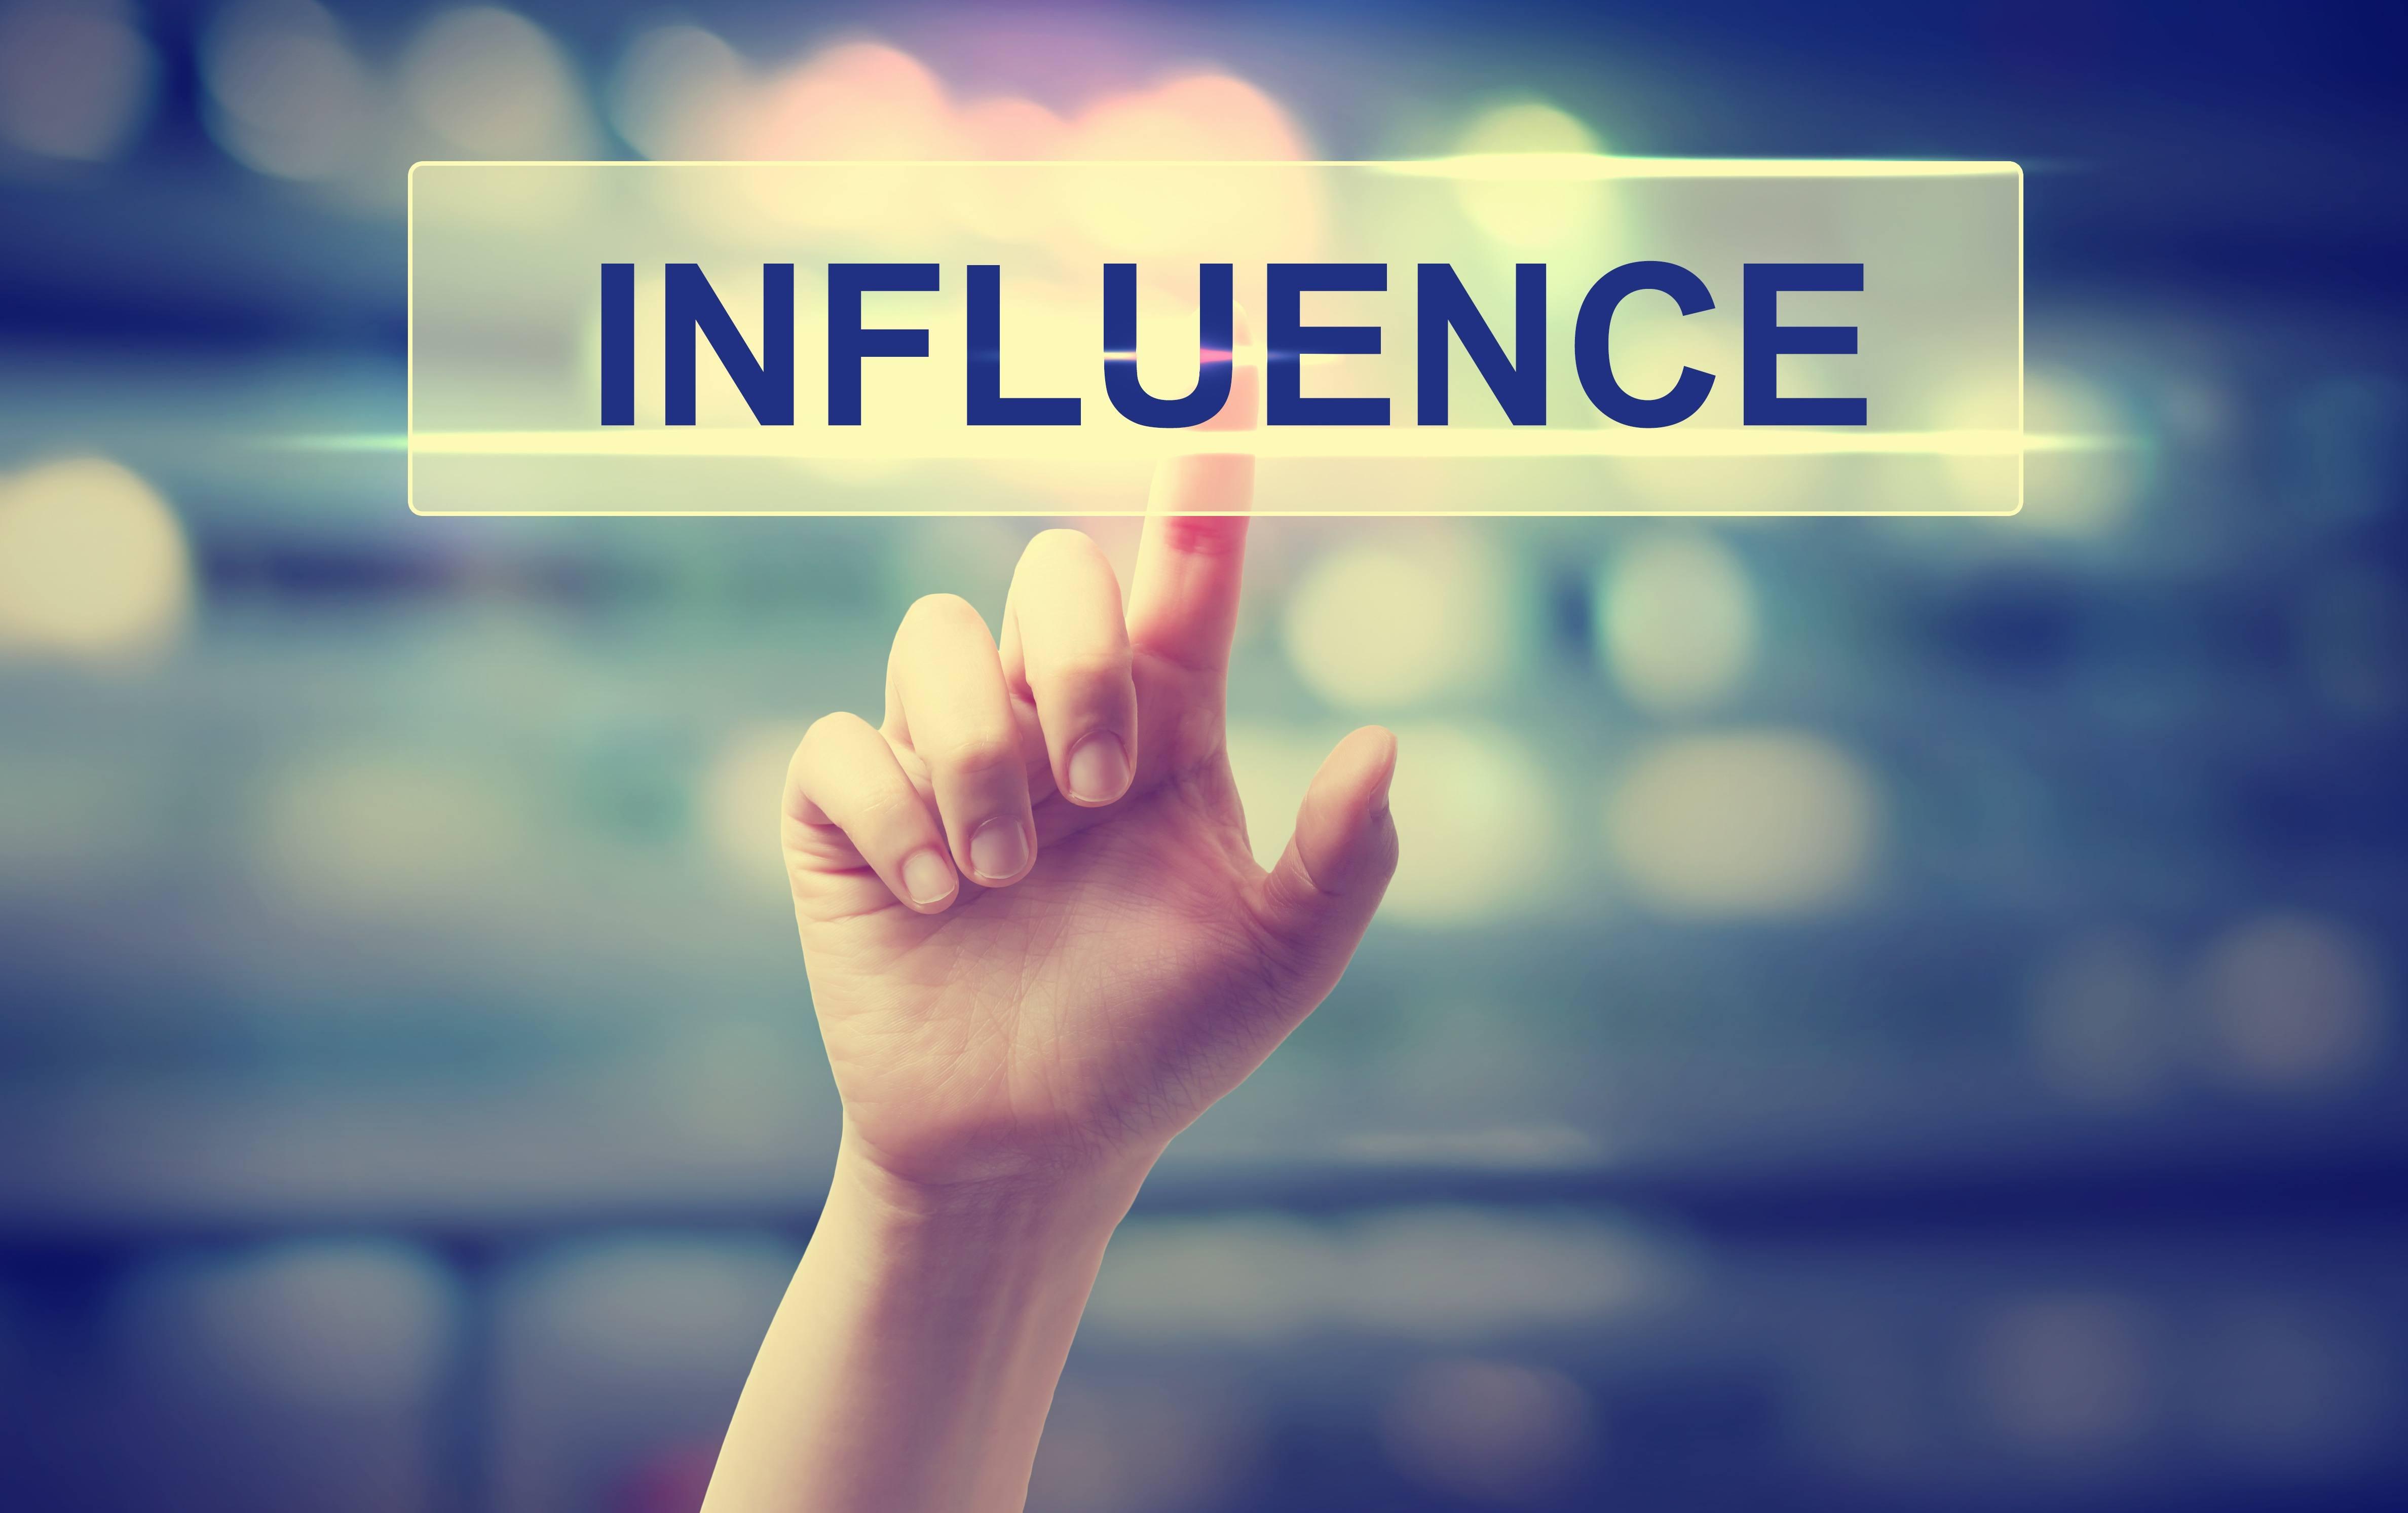 2. tendances ou modes qui peuvent influencer vos ventes